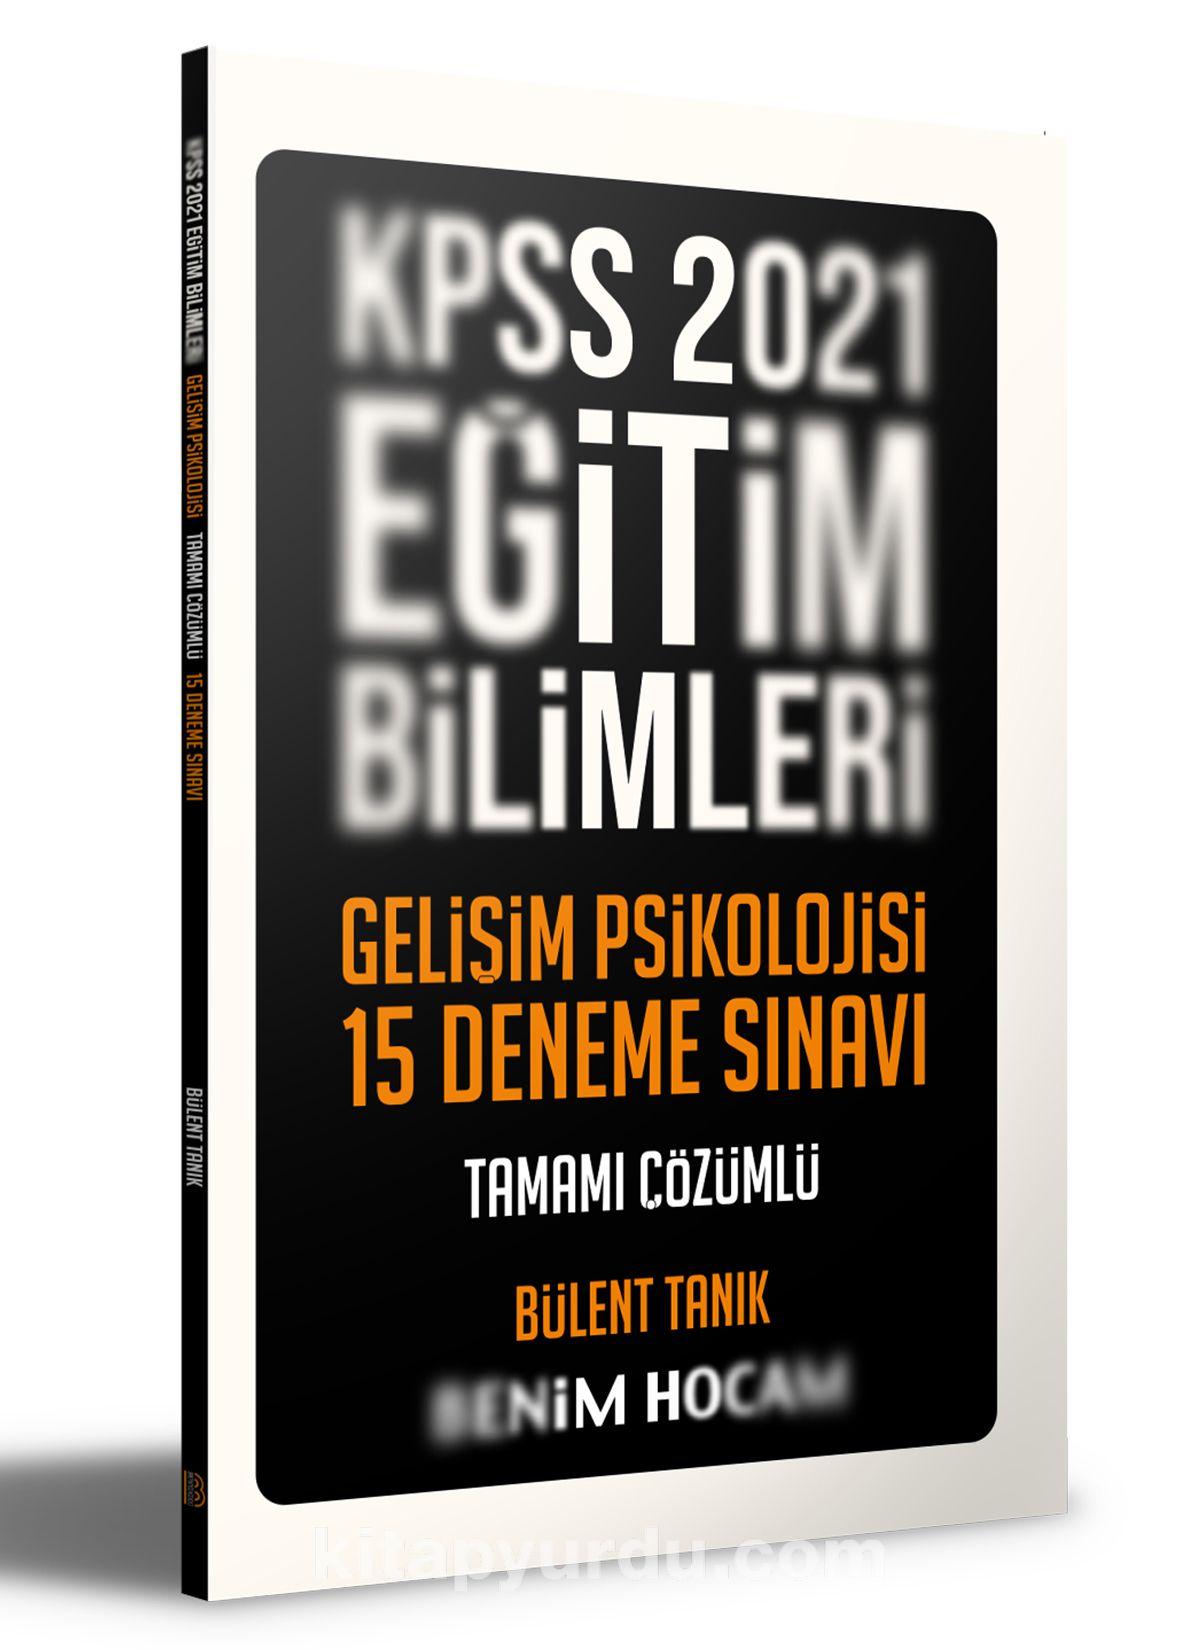 2021 KPSS Eğitim Bilimleri Gelişim Psikolojisi Tamamı Çözümlü 15 Deneme  PDF Kitap İndir